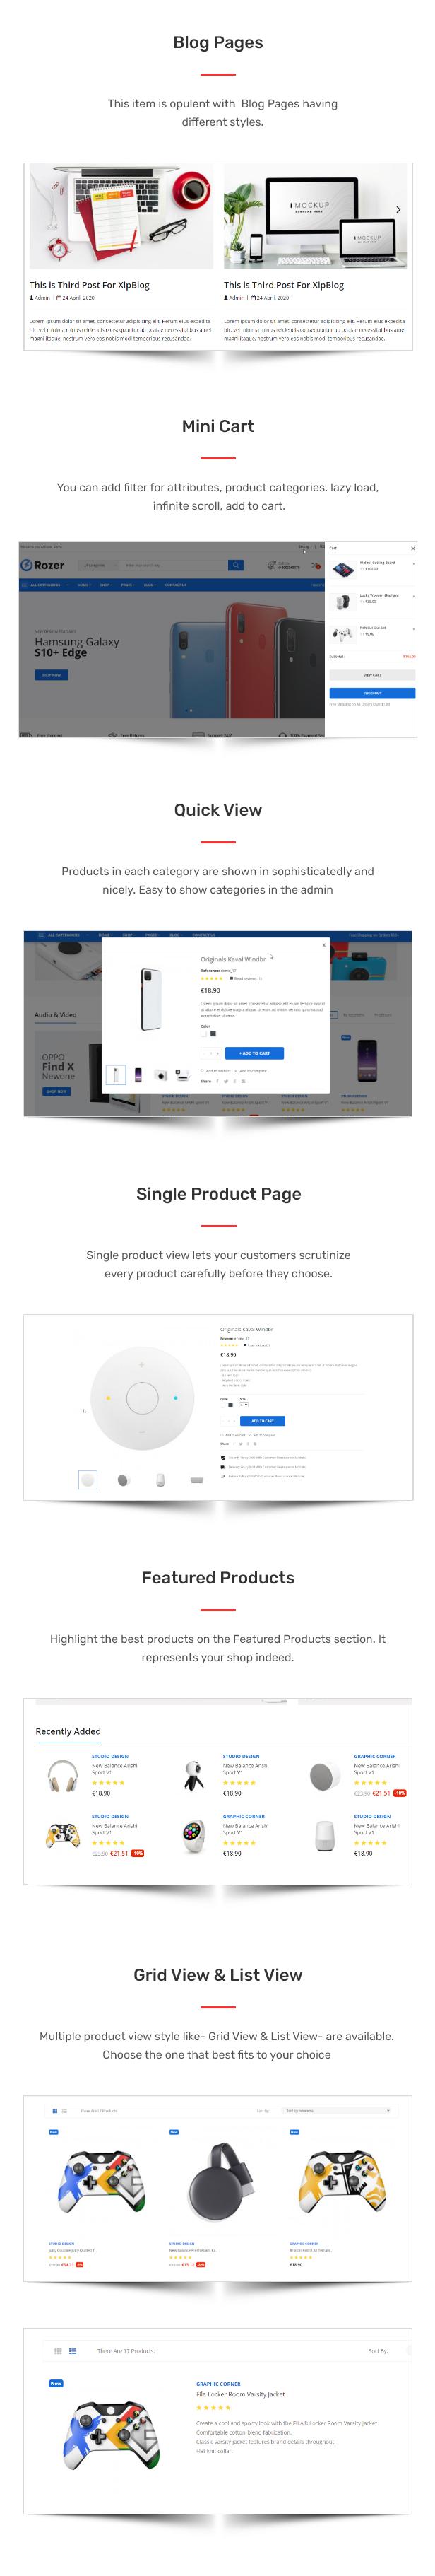 Rozer – Electronics eCommerce HTML5 Template - 2